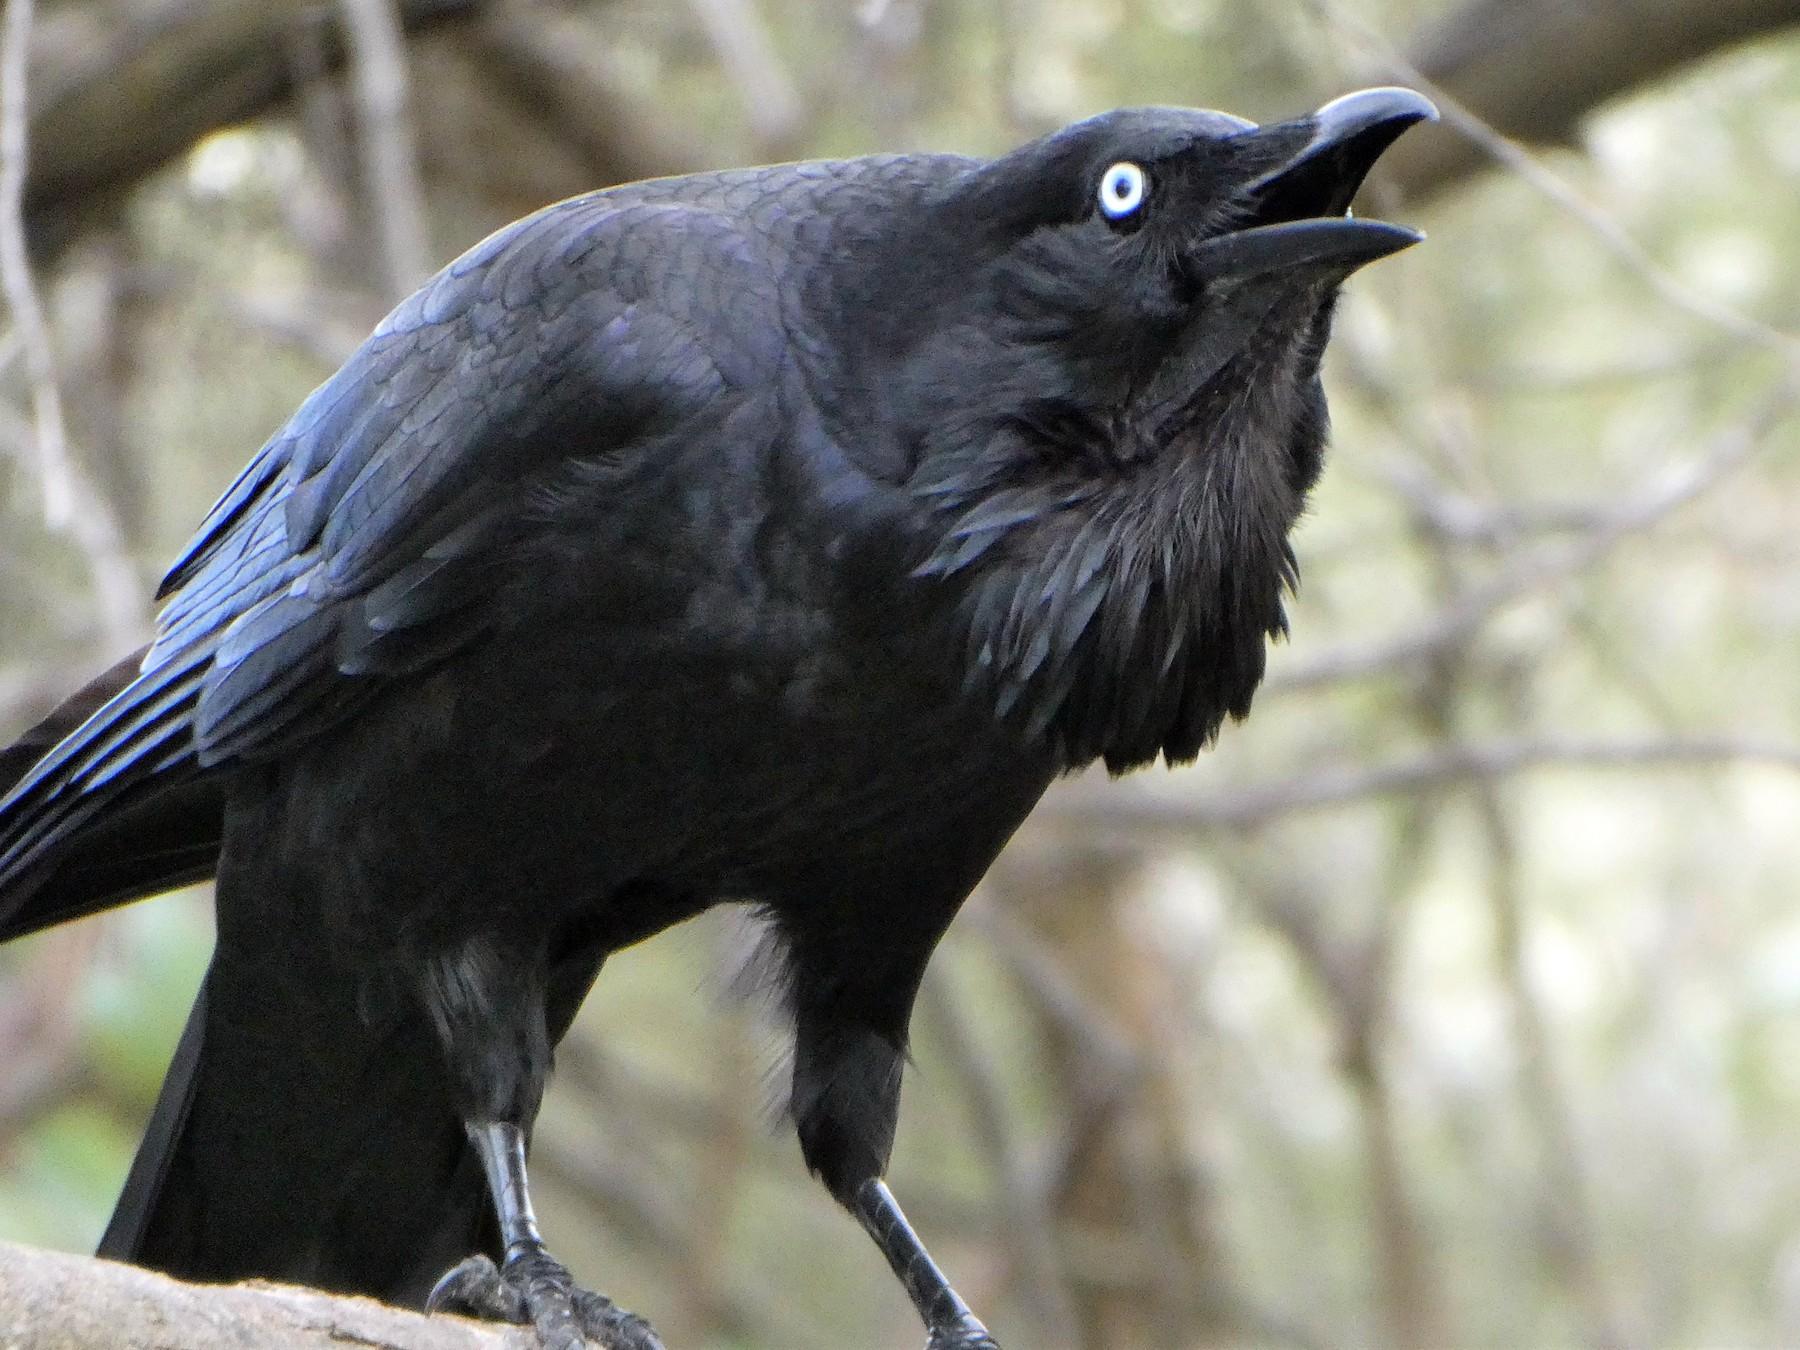 Australian Raven - Shelley Altman